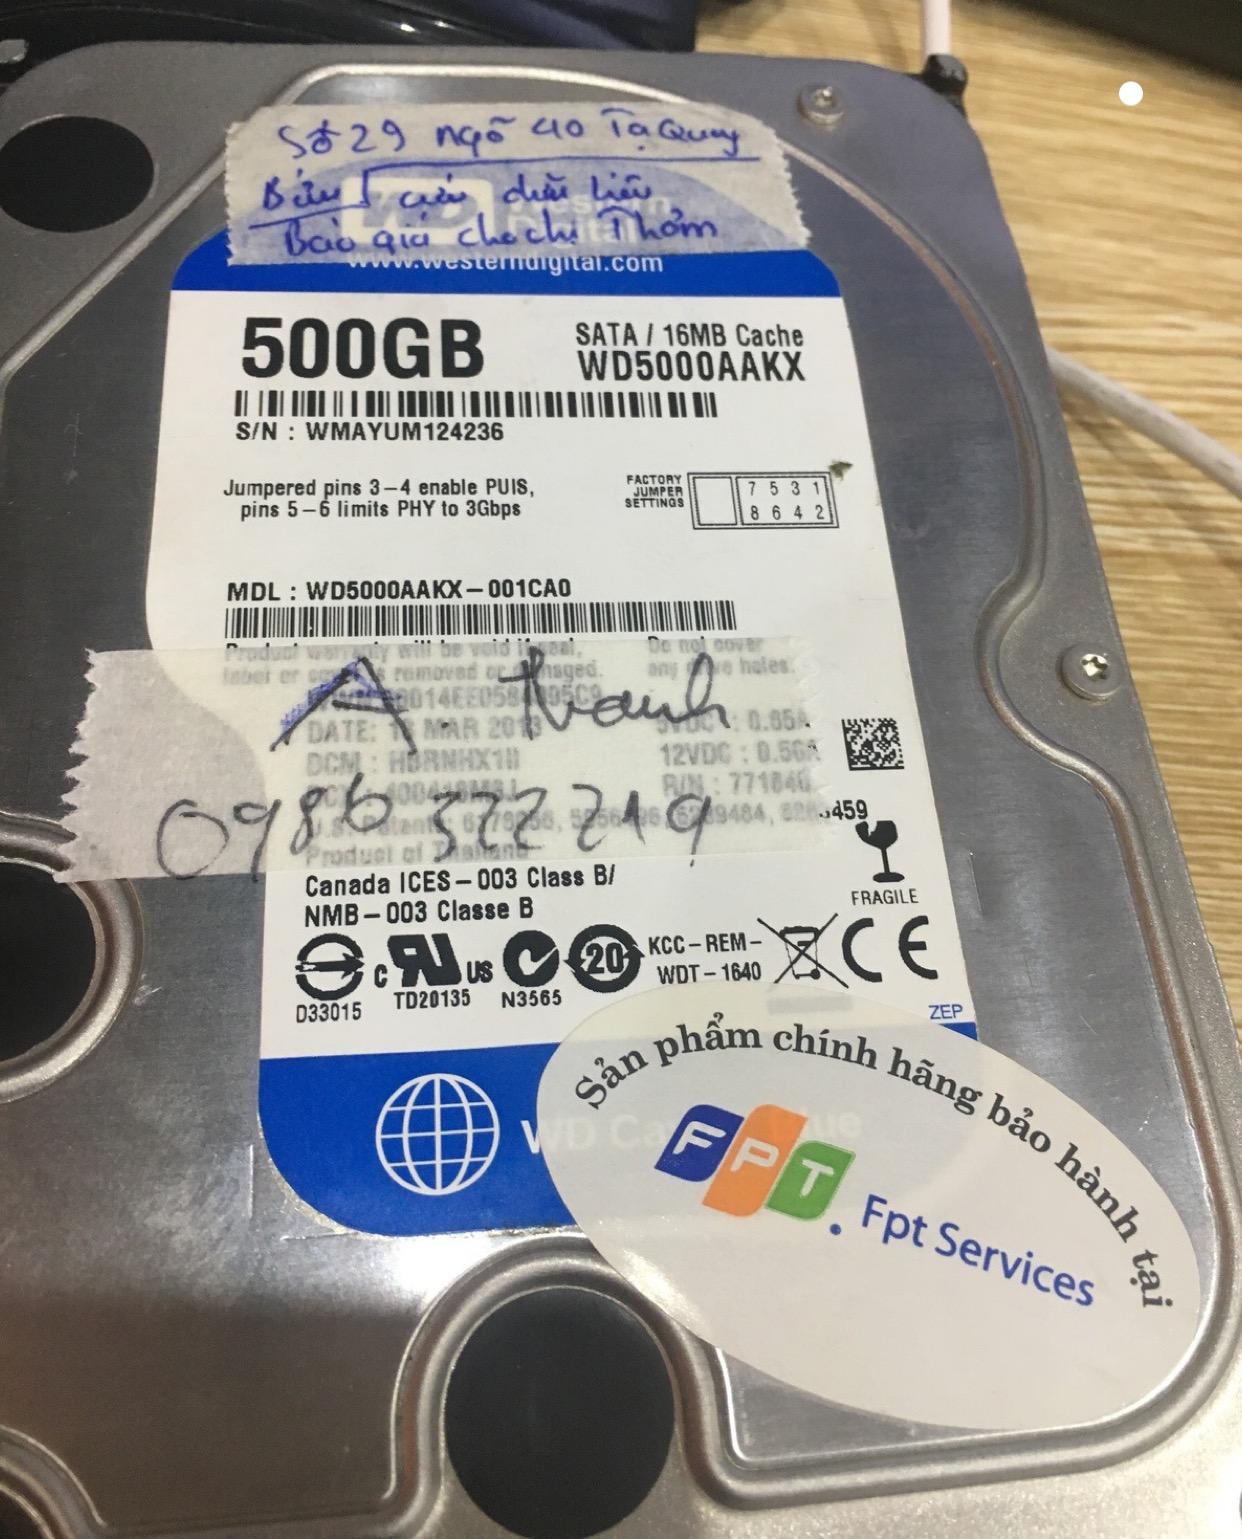 Phục hồi dữ liệu ổ cứng Western 500GB lỗi đầu đọc 12/05/2020 - cuumaytinh